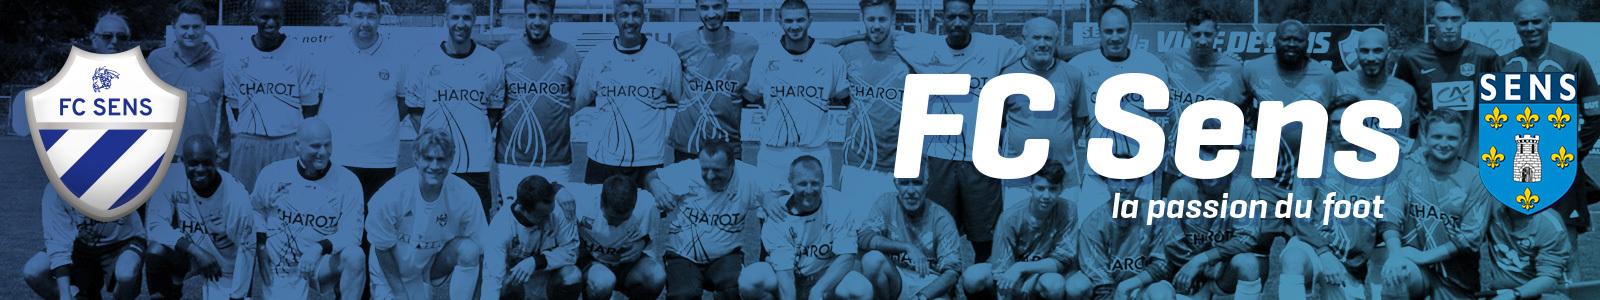 Football Club de Sens : site officiel du club de foot de SENS - footeo